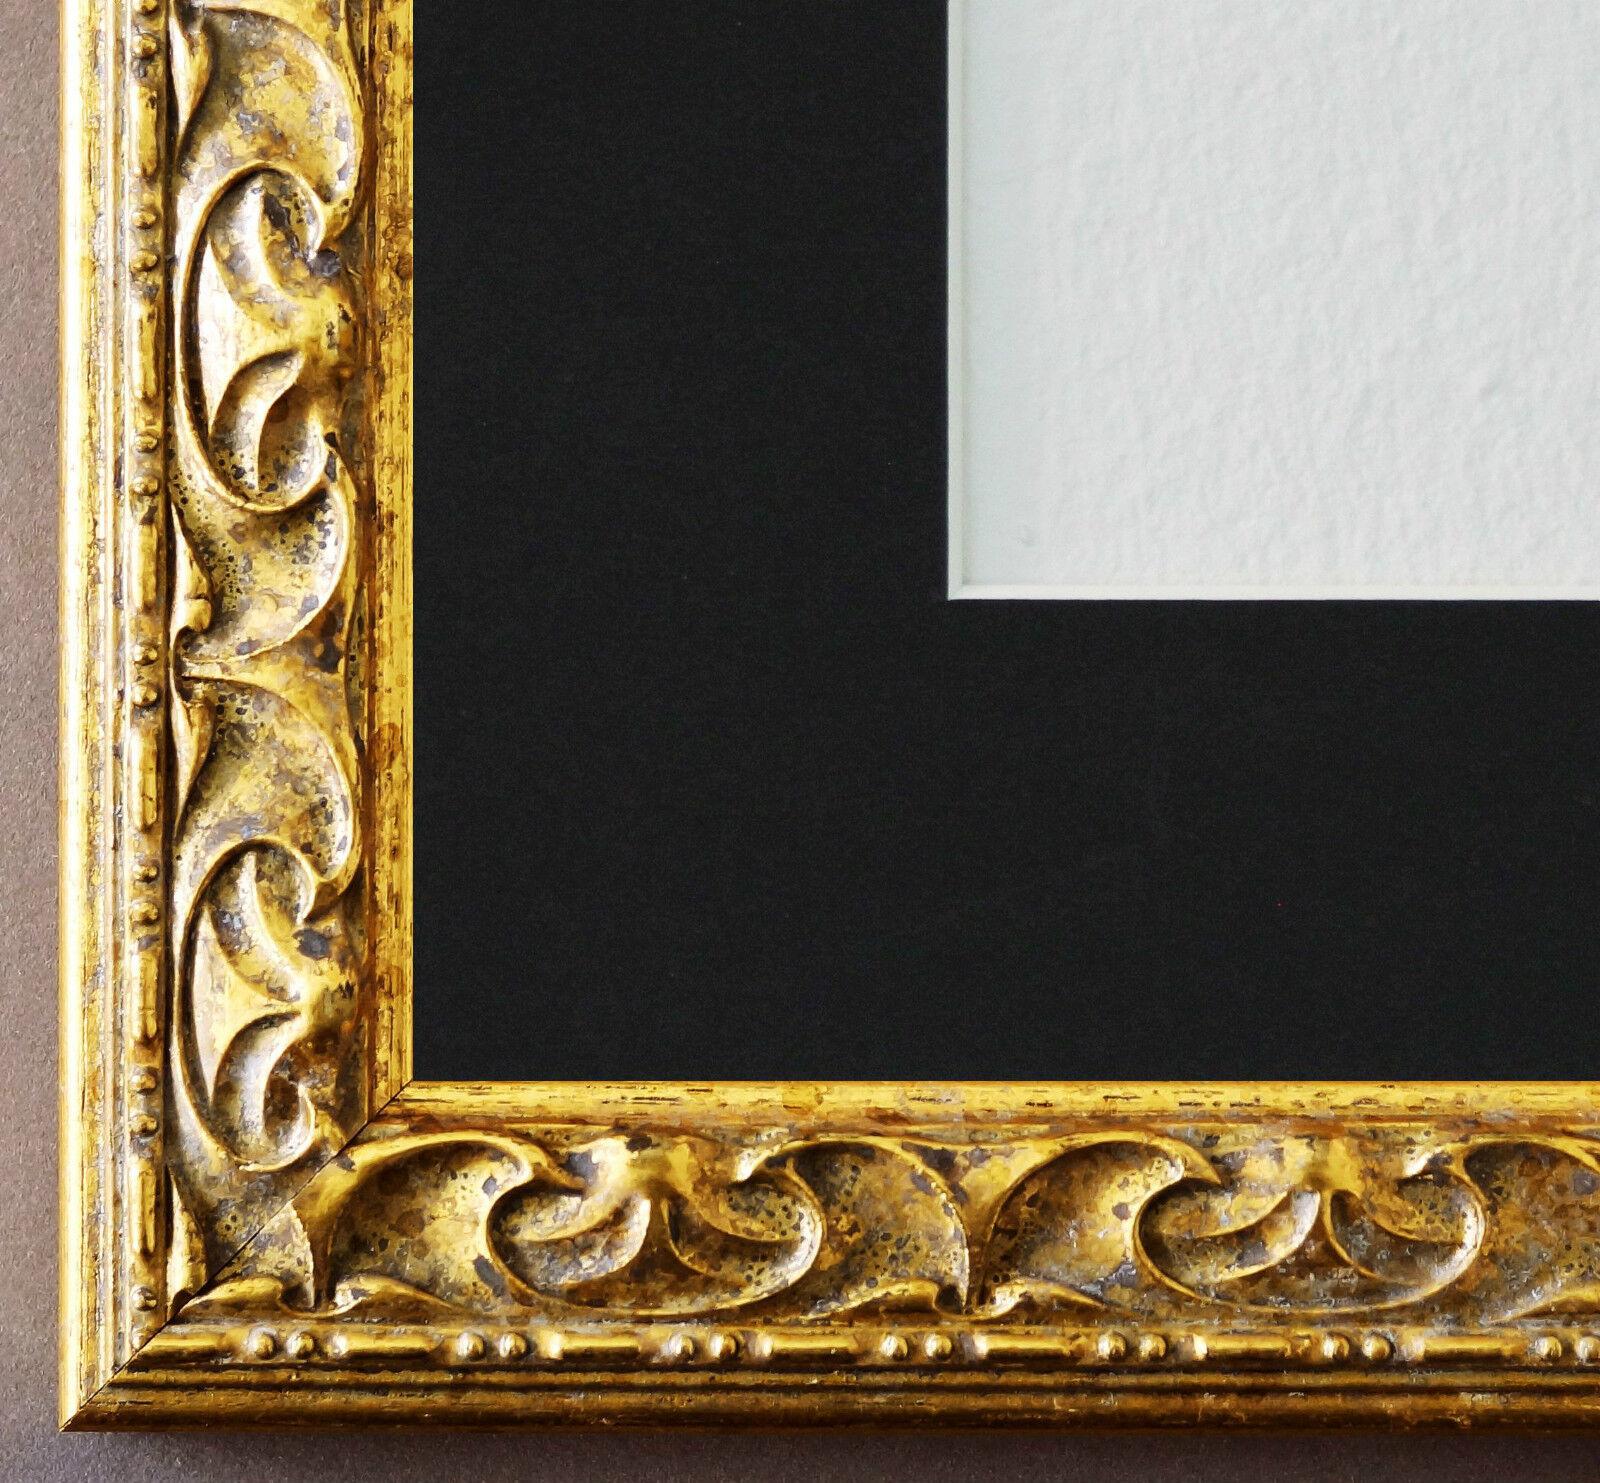 Bilderrahmen mannntova in Gold mit Passepkunstout in Schwarz 3,1 Top Qualität